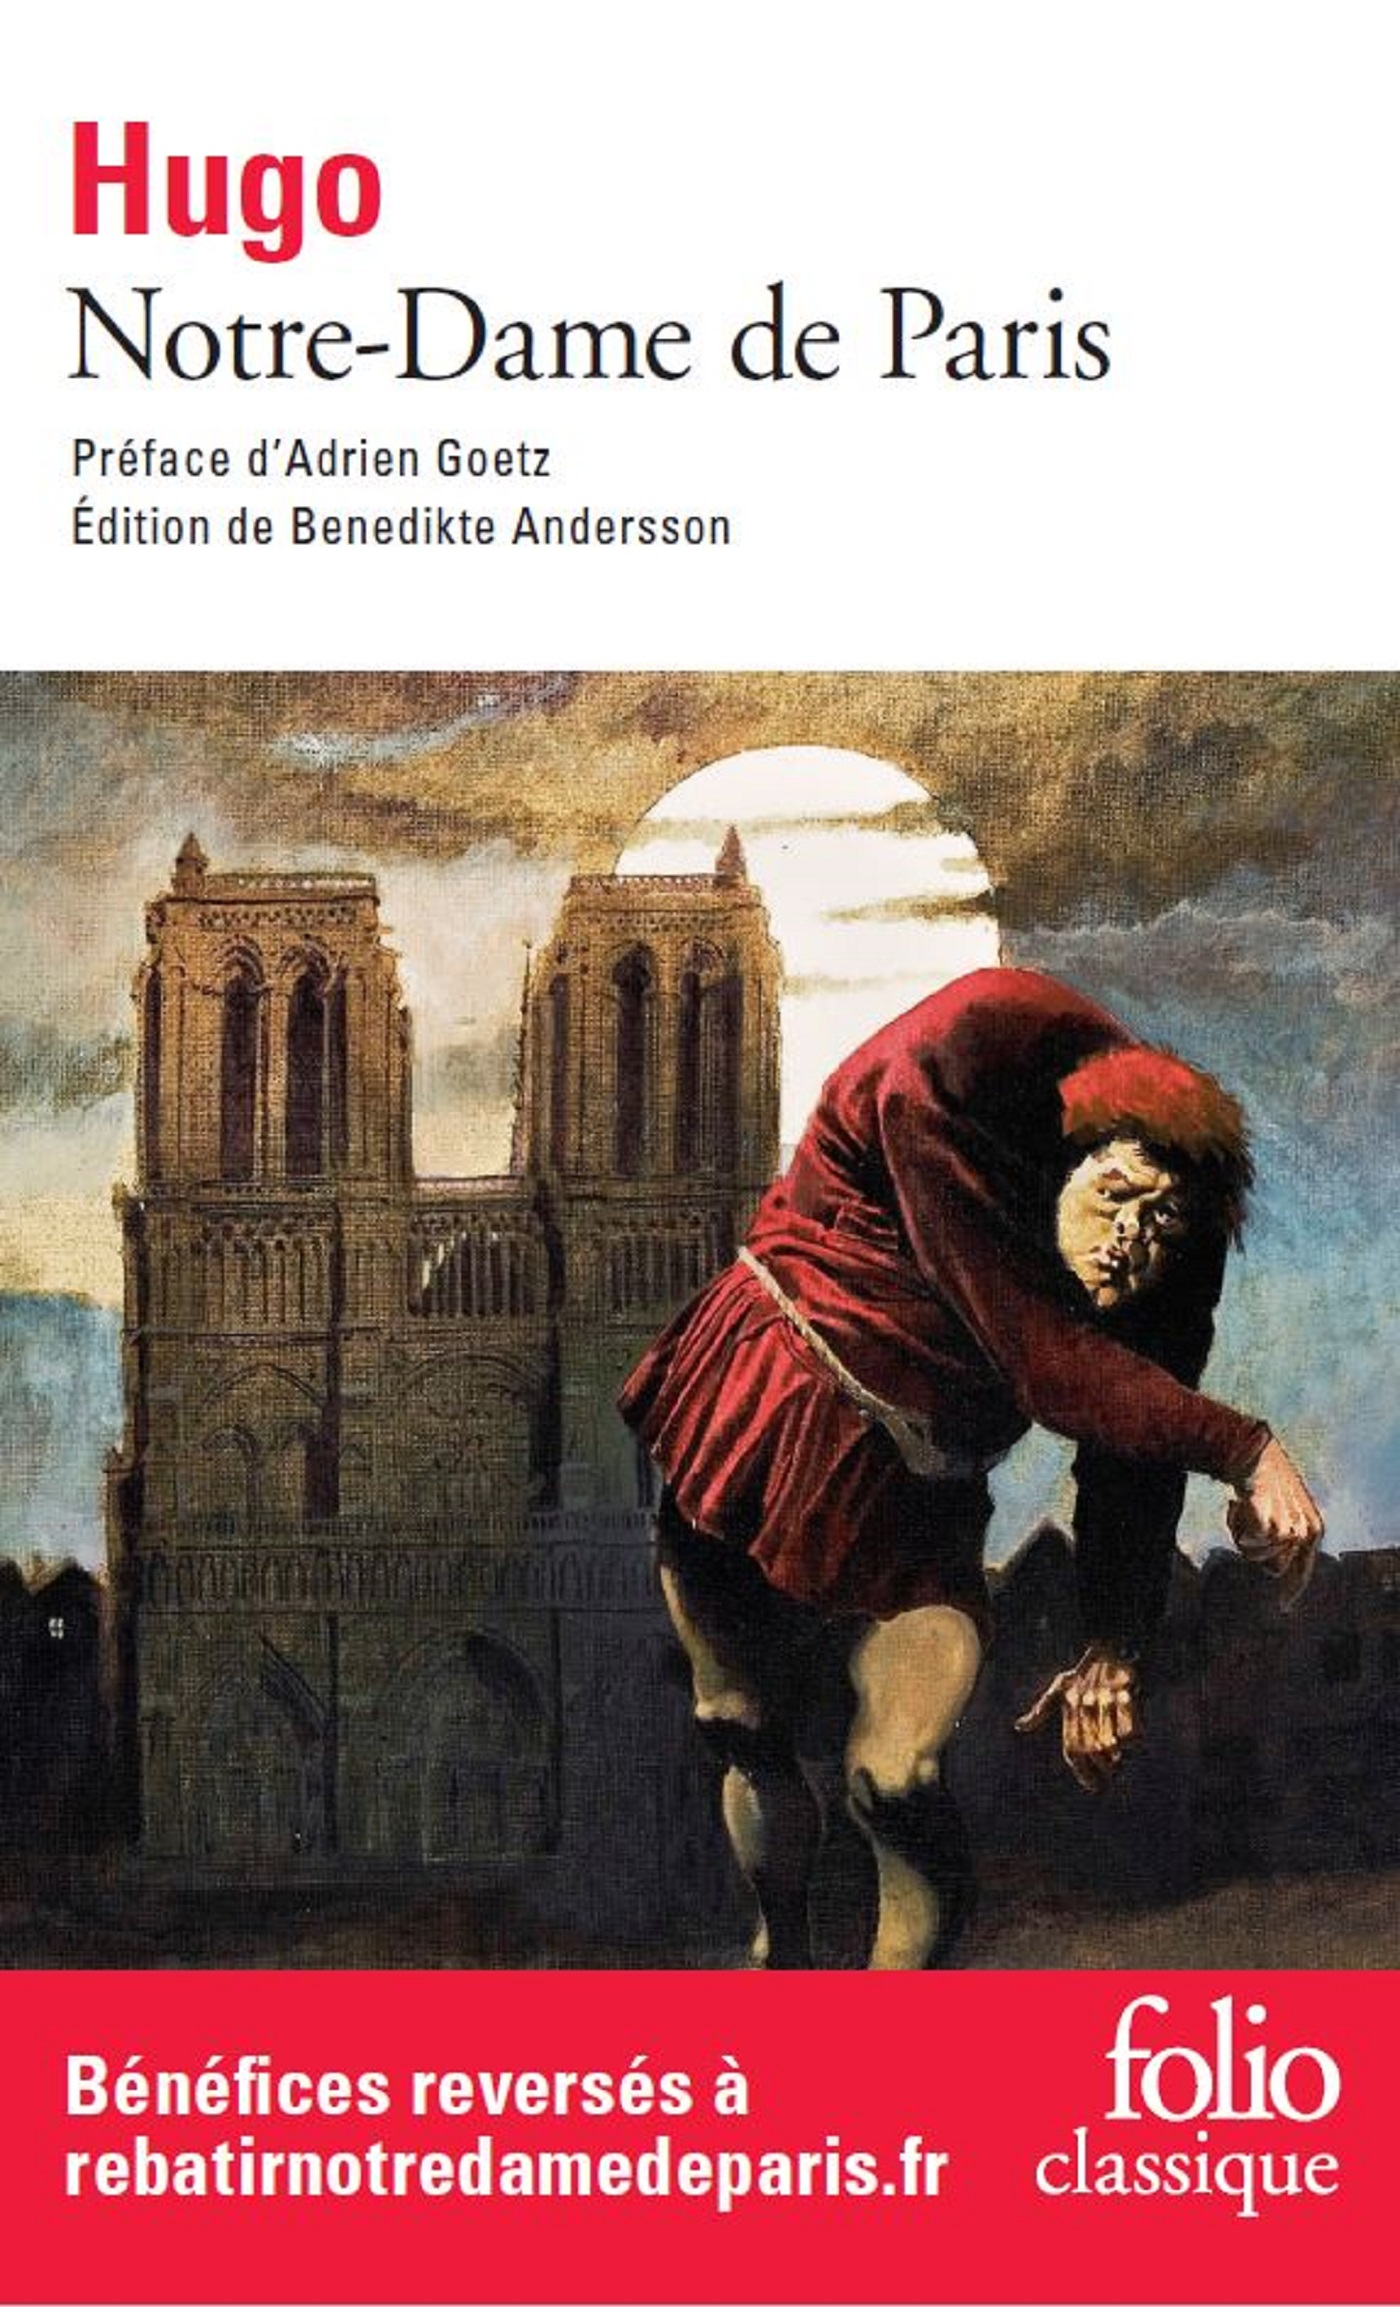 Notre-Dame de Paris (1482)